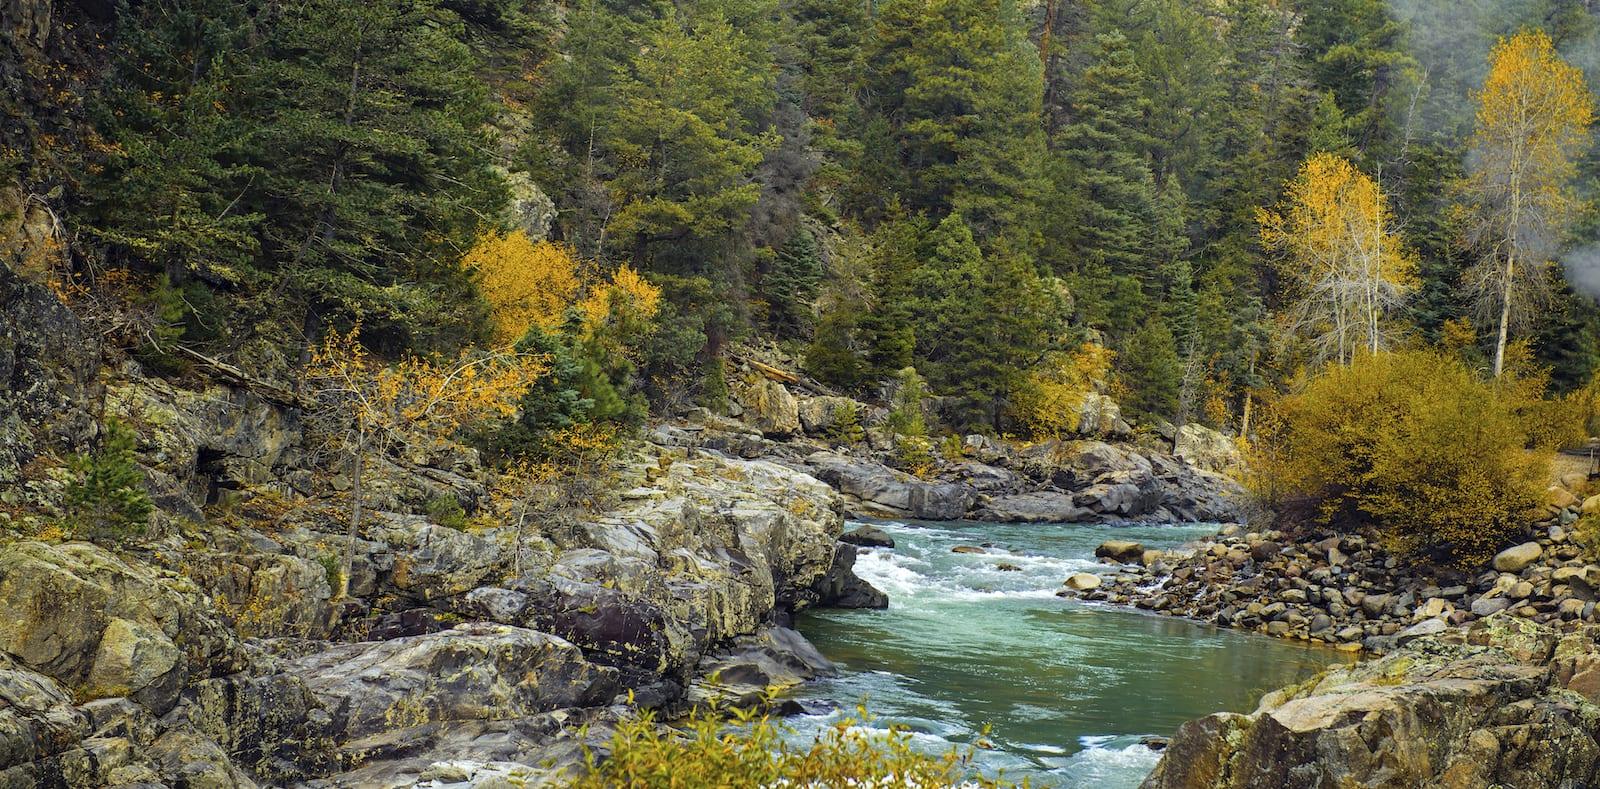 Animas River Canyon, CO